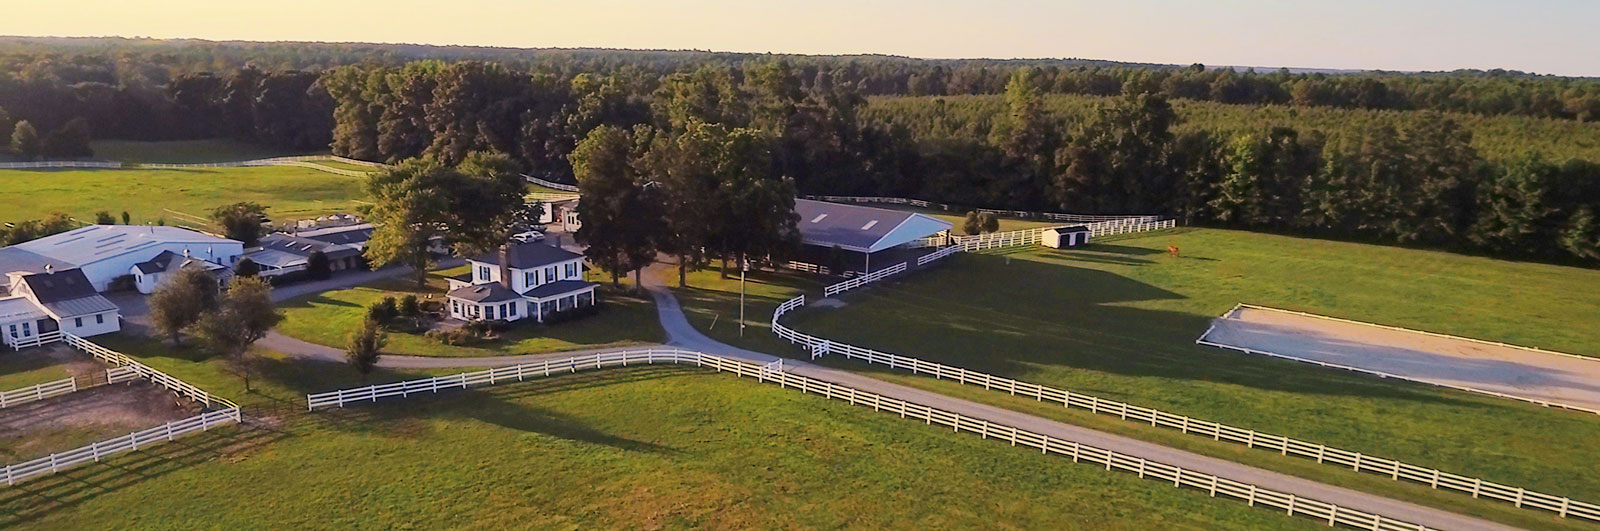 wingmont aerial view